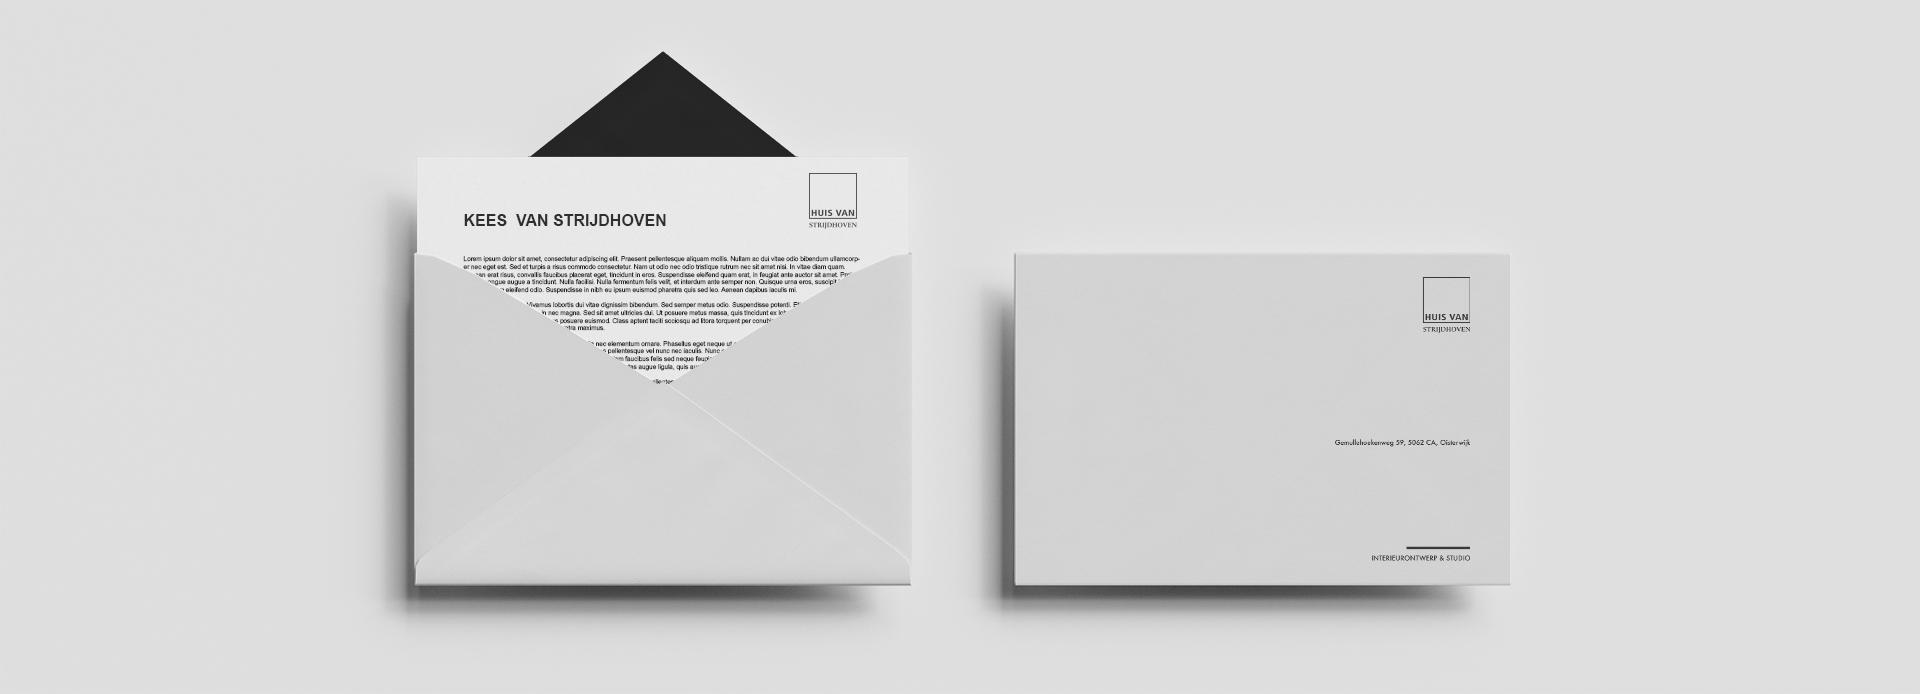 envelop | Kees van Strijdhoven